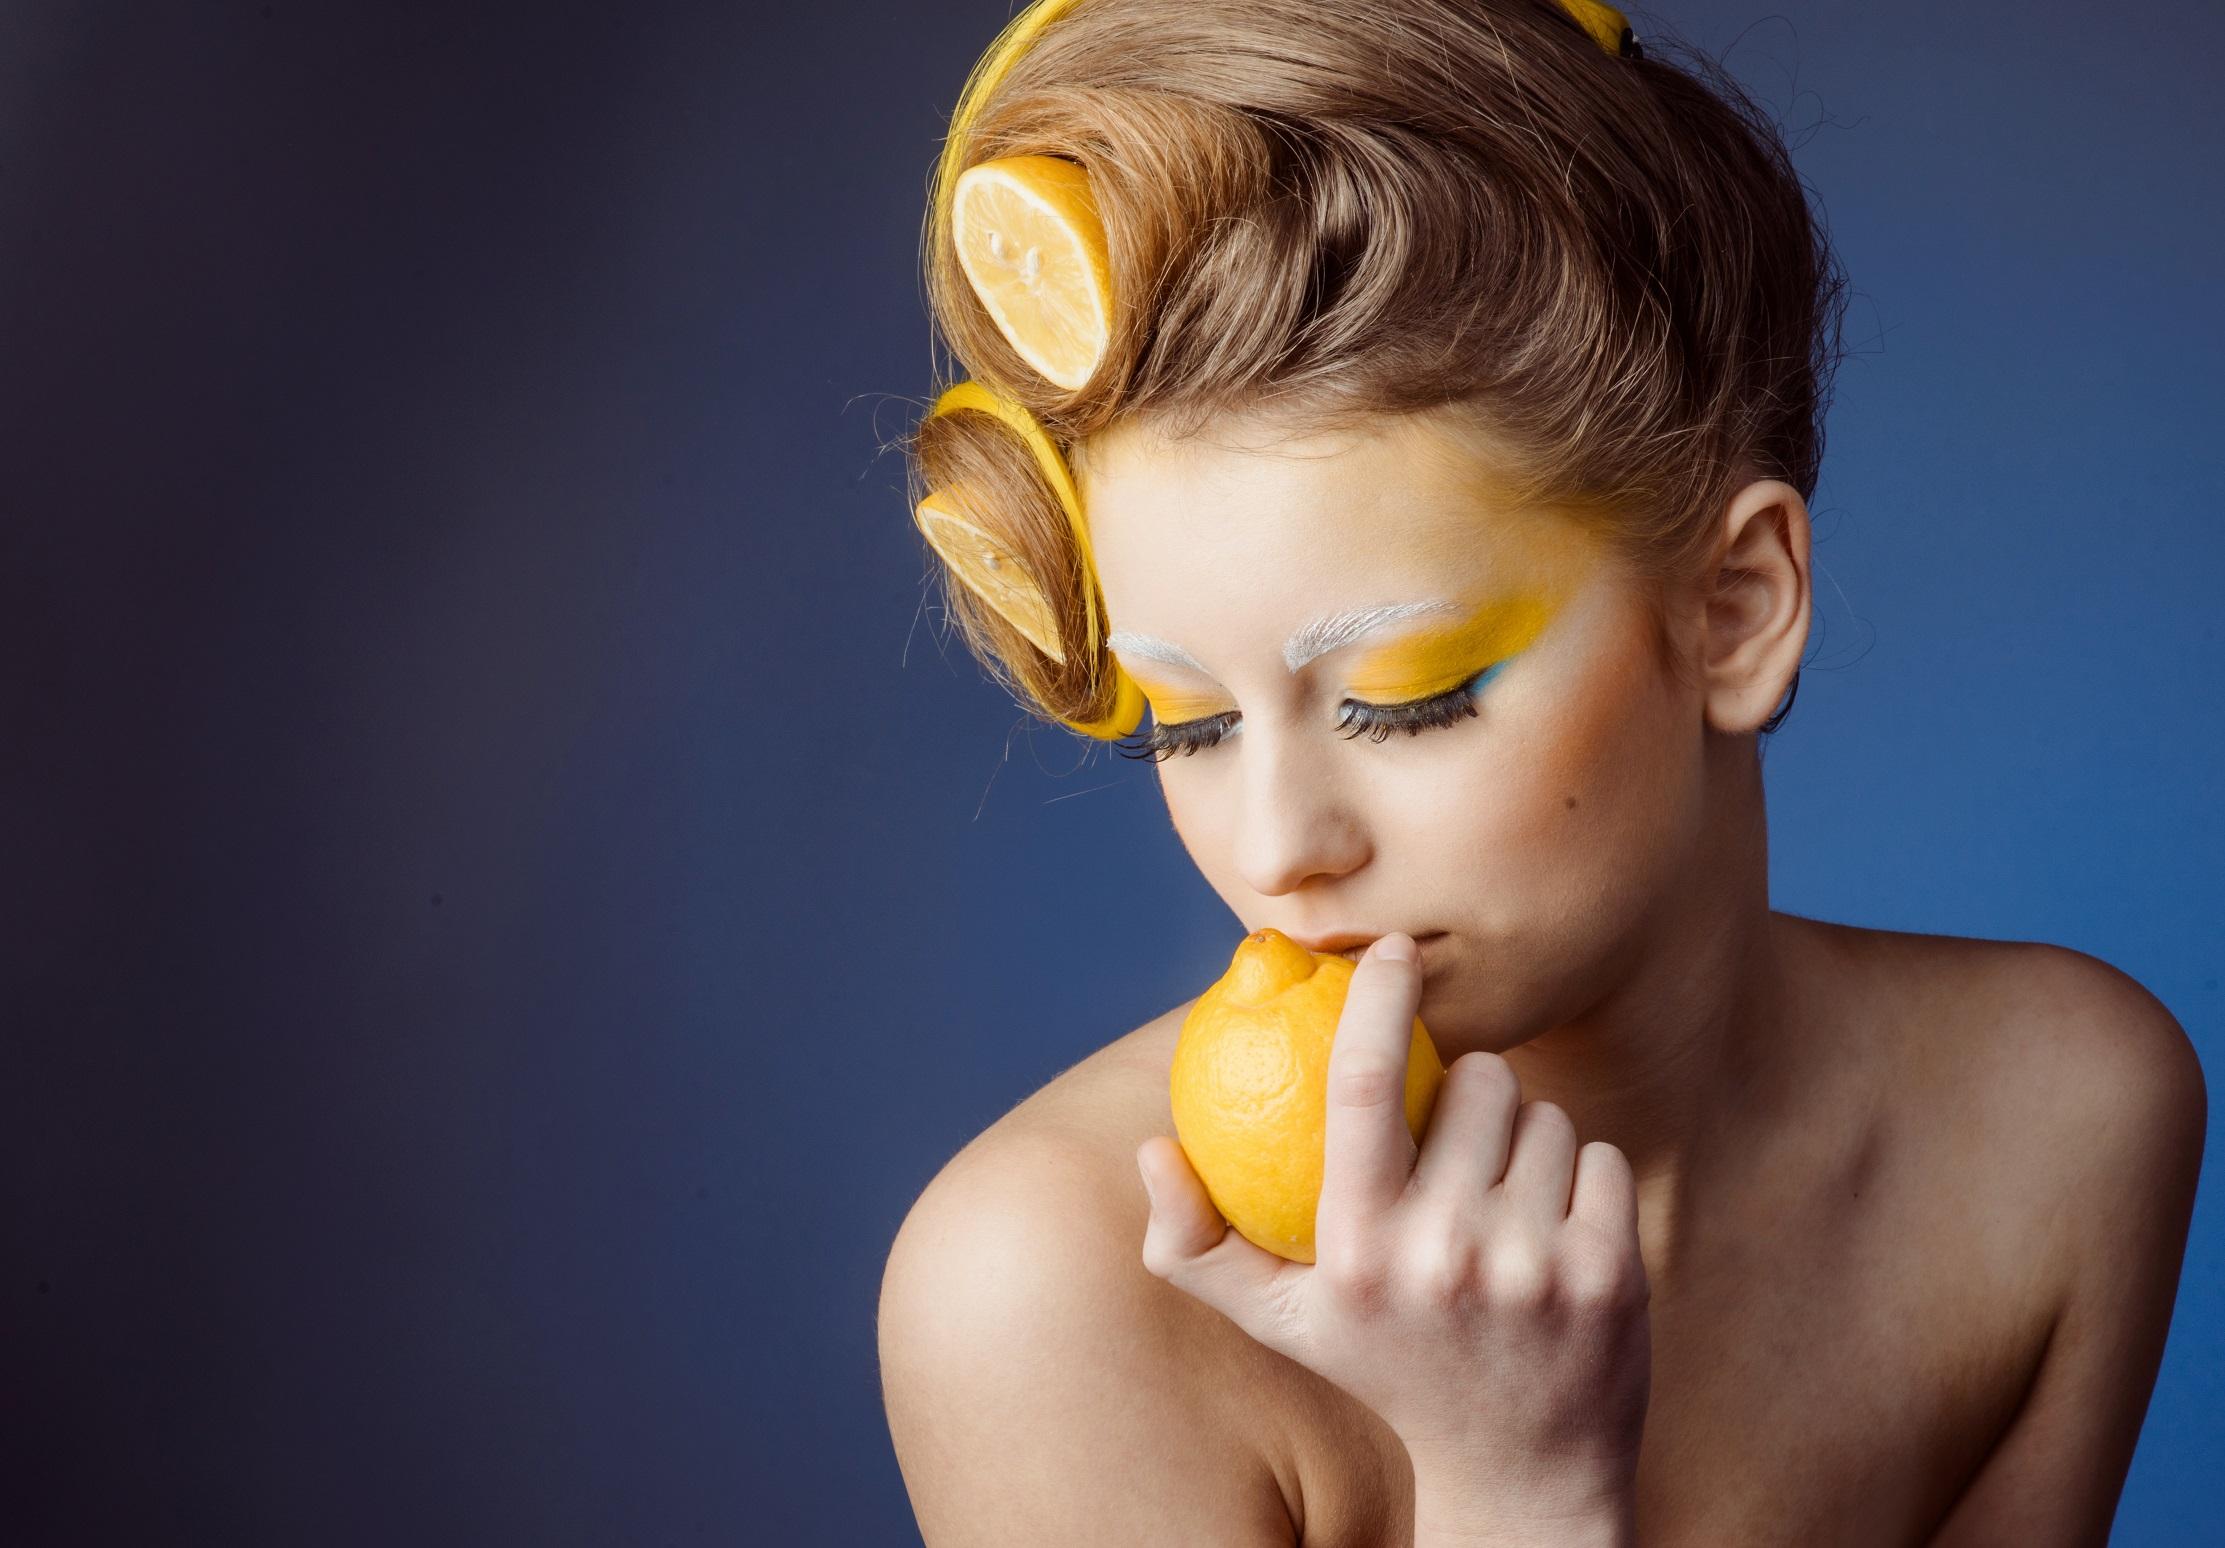 Metodi fai-da-te per schiarire i capelli  tutti gli ingredienti naturali 9a487d789926